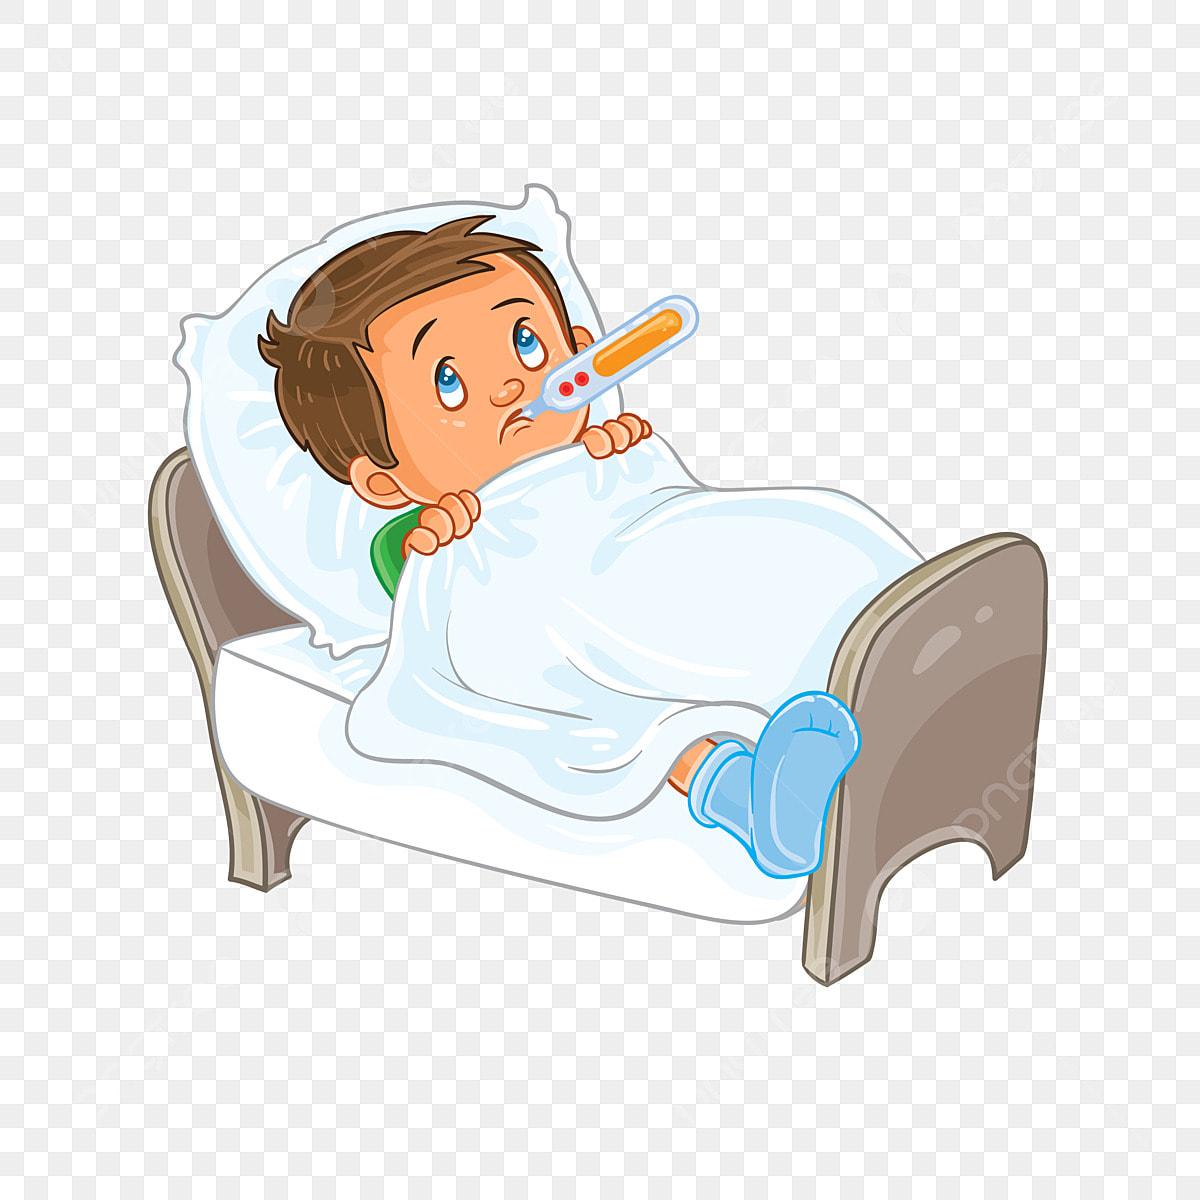 Vektor Sakit Anak Kecil Terbaring Di Tempat Tidur Dengan